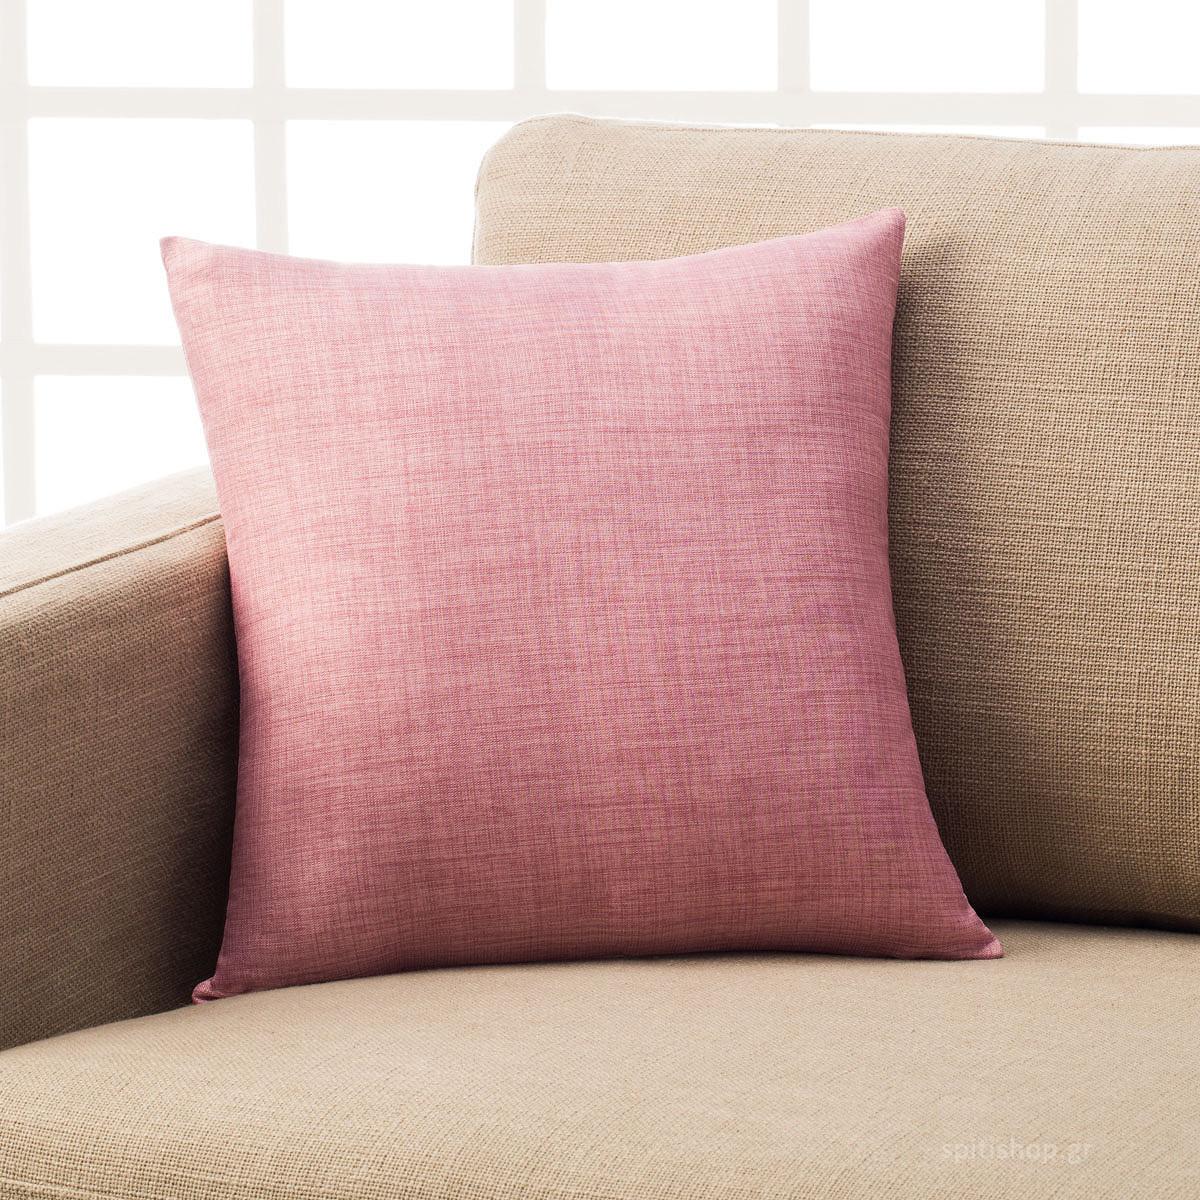 Διακοσμητική Μαξιλαροθήκη (43×43) Gofis Home Chrome Pink 930B/17